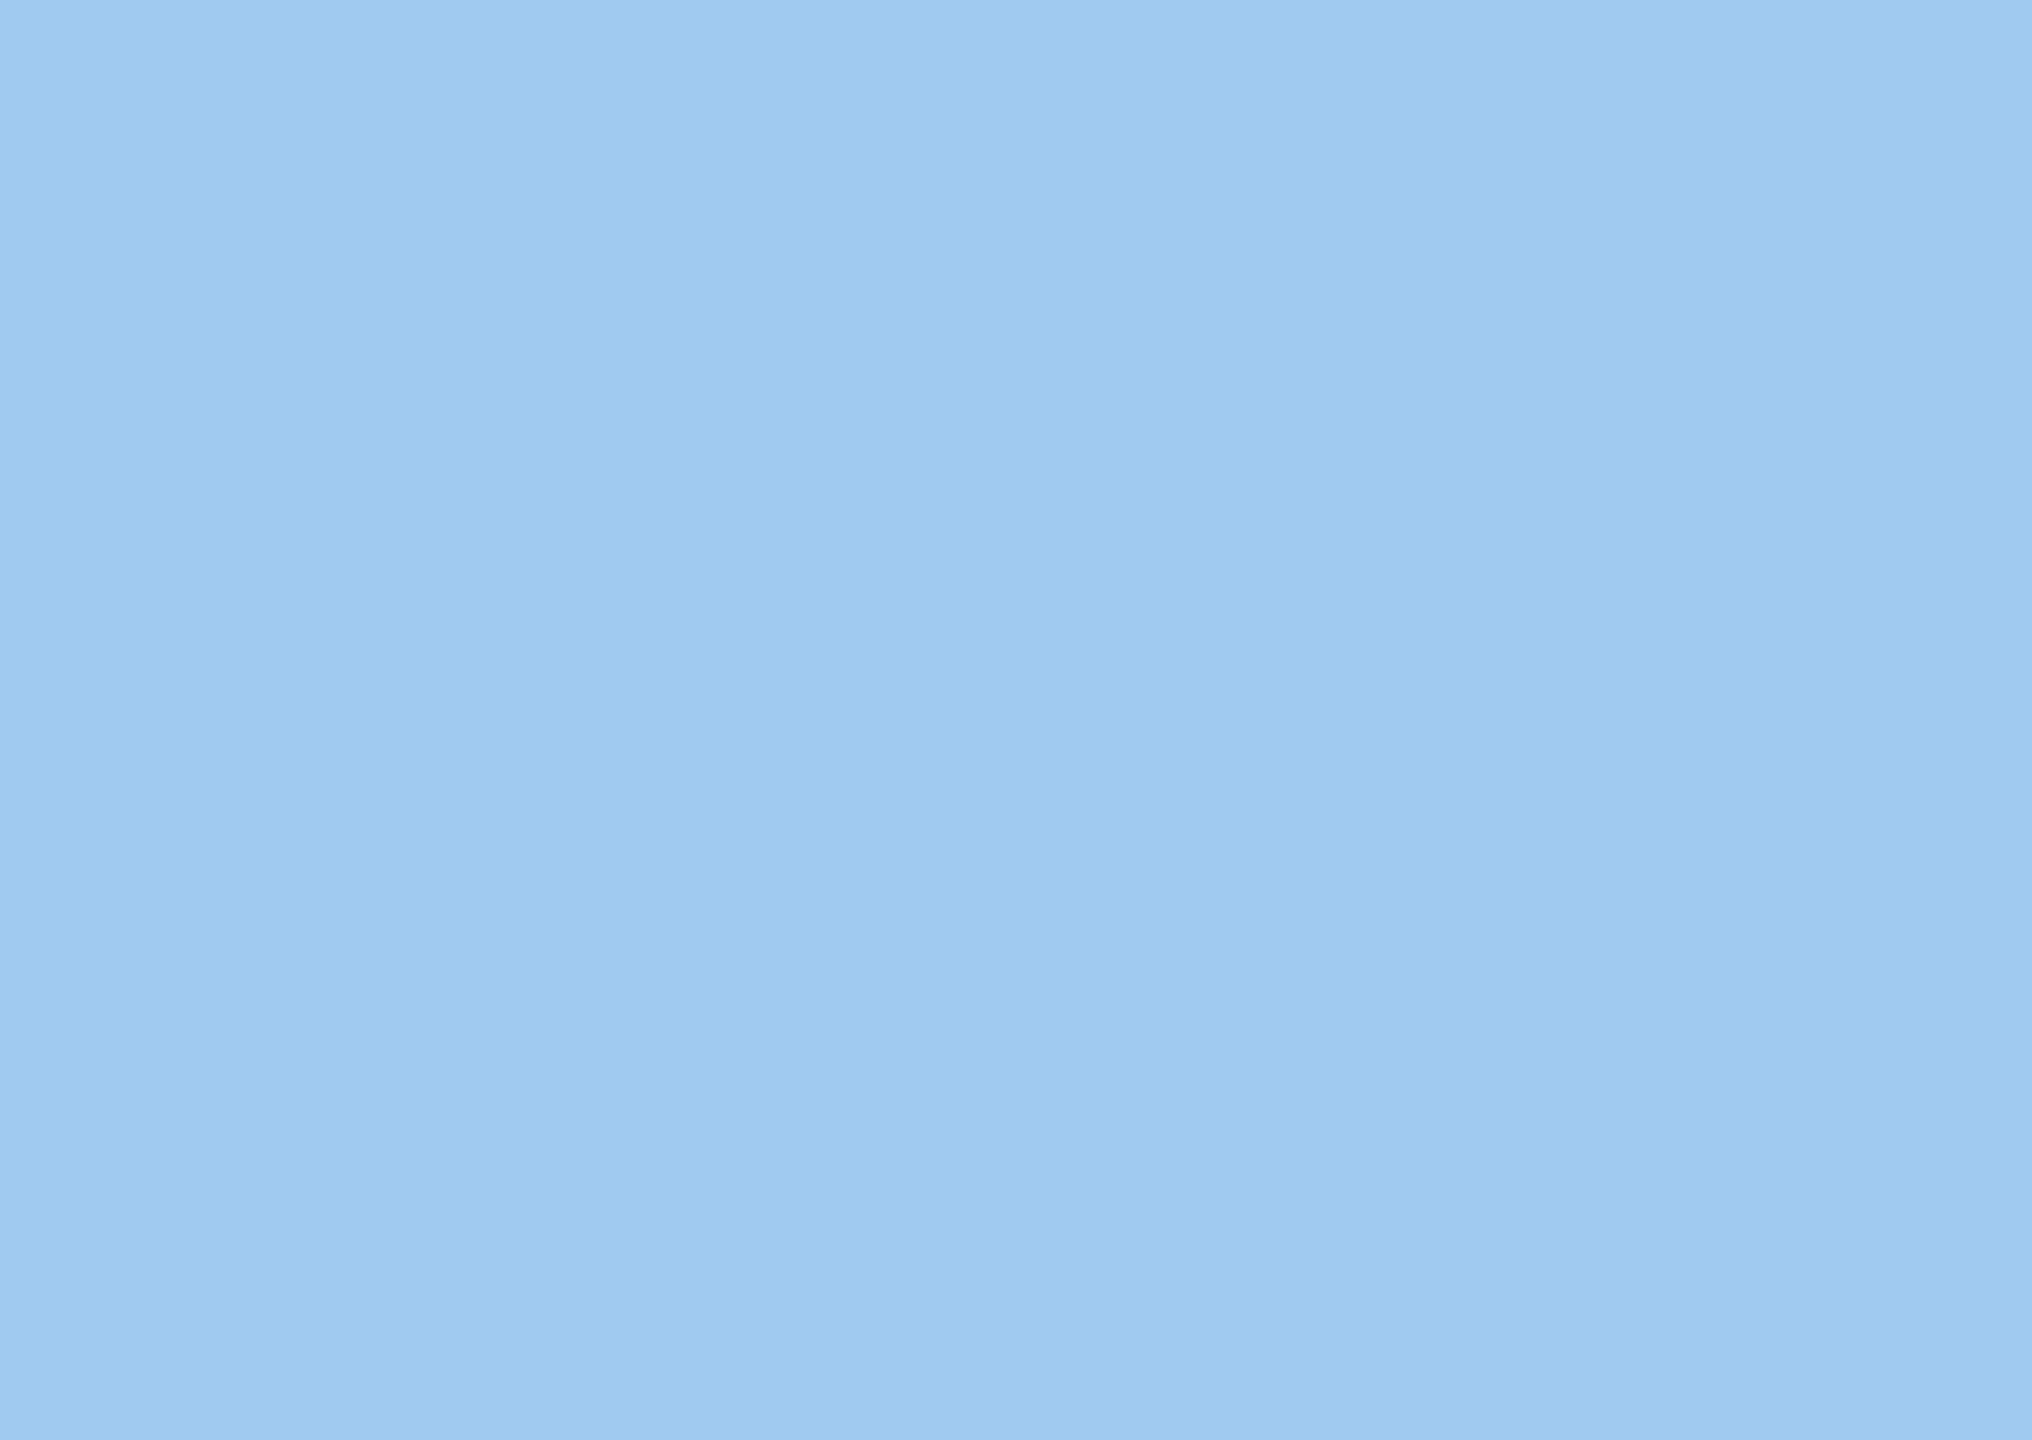 21 aesthetic light blue background